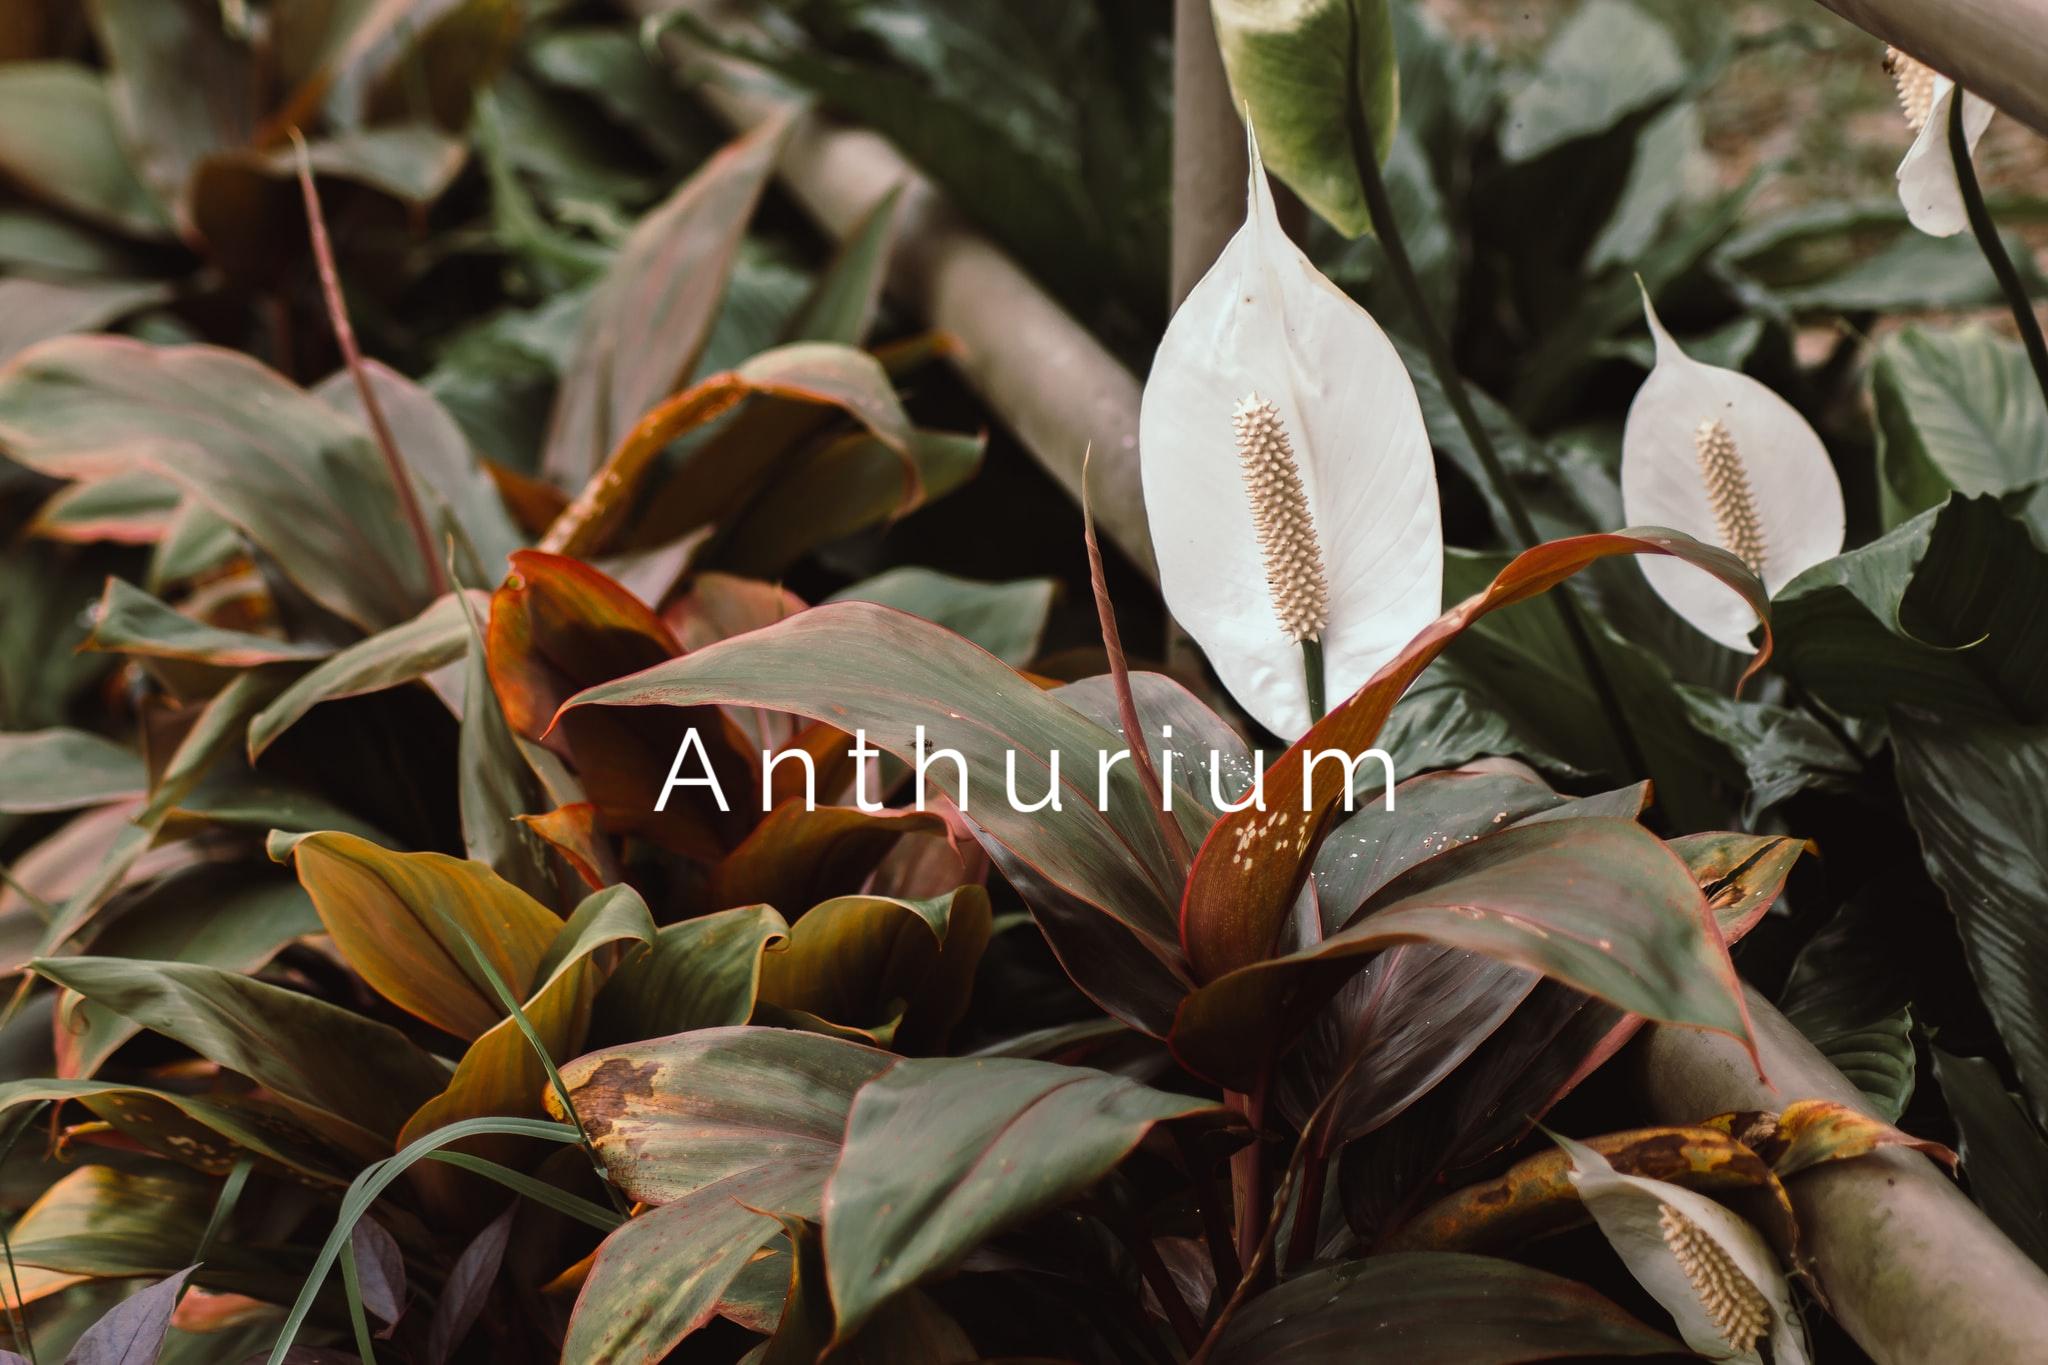 Anthurium Flower (1)